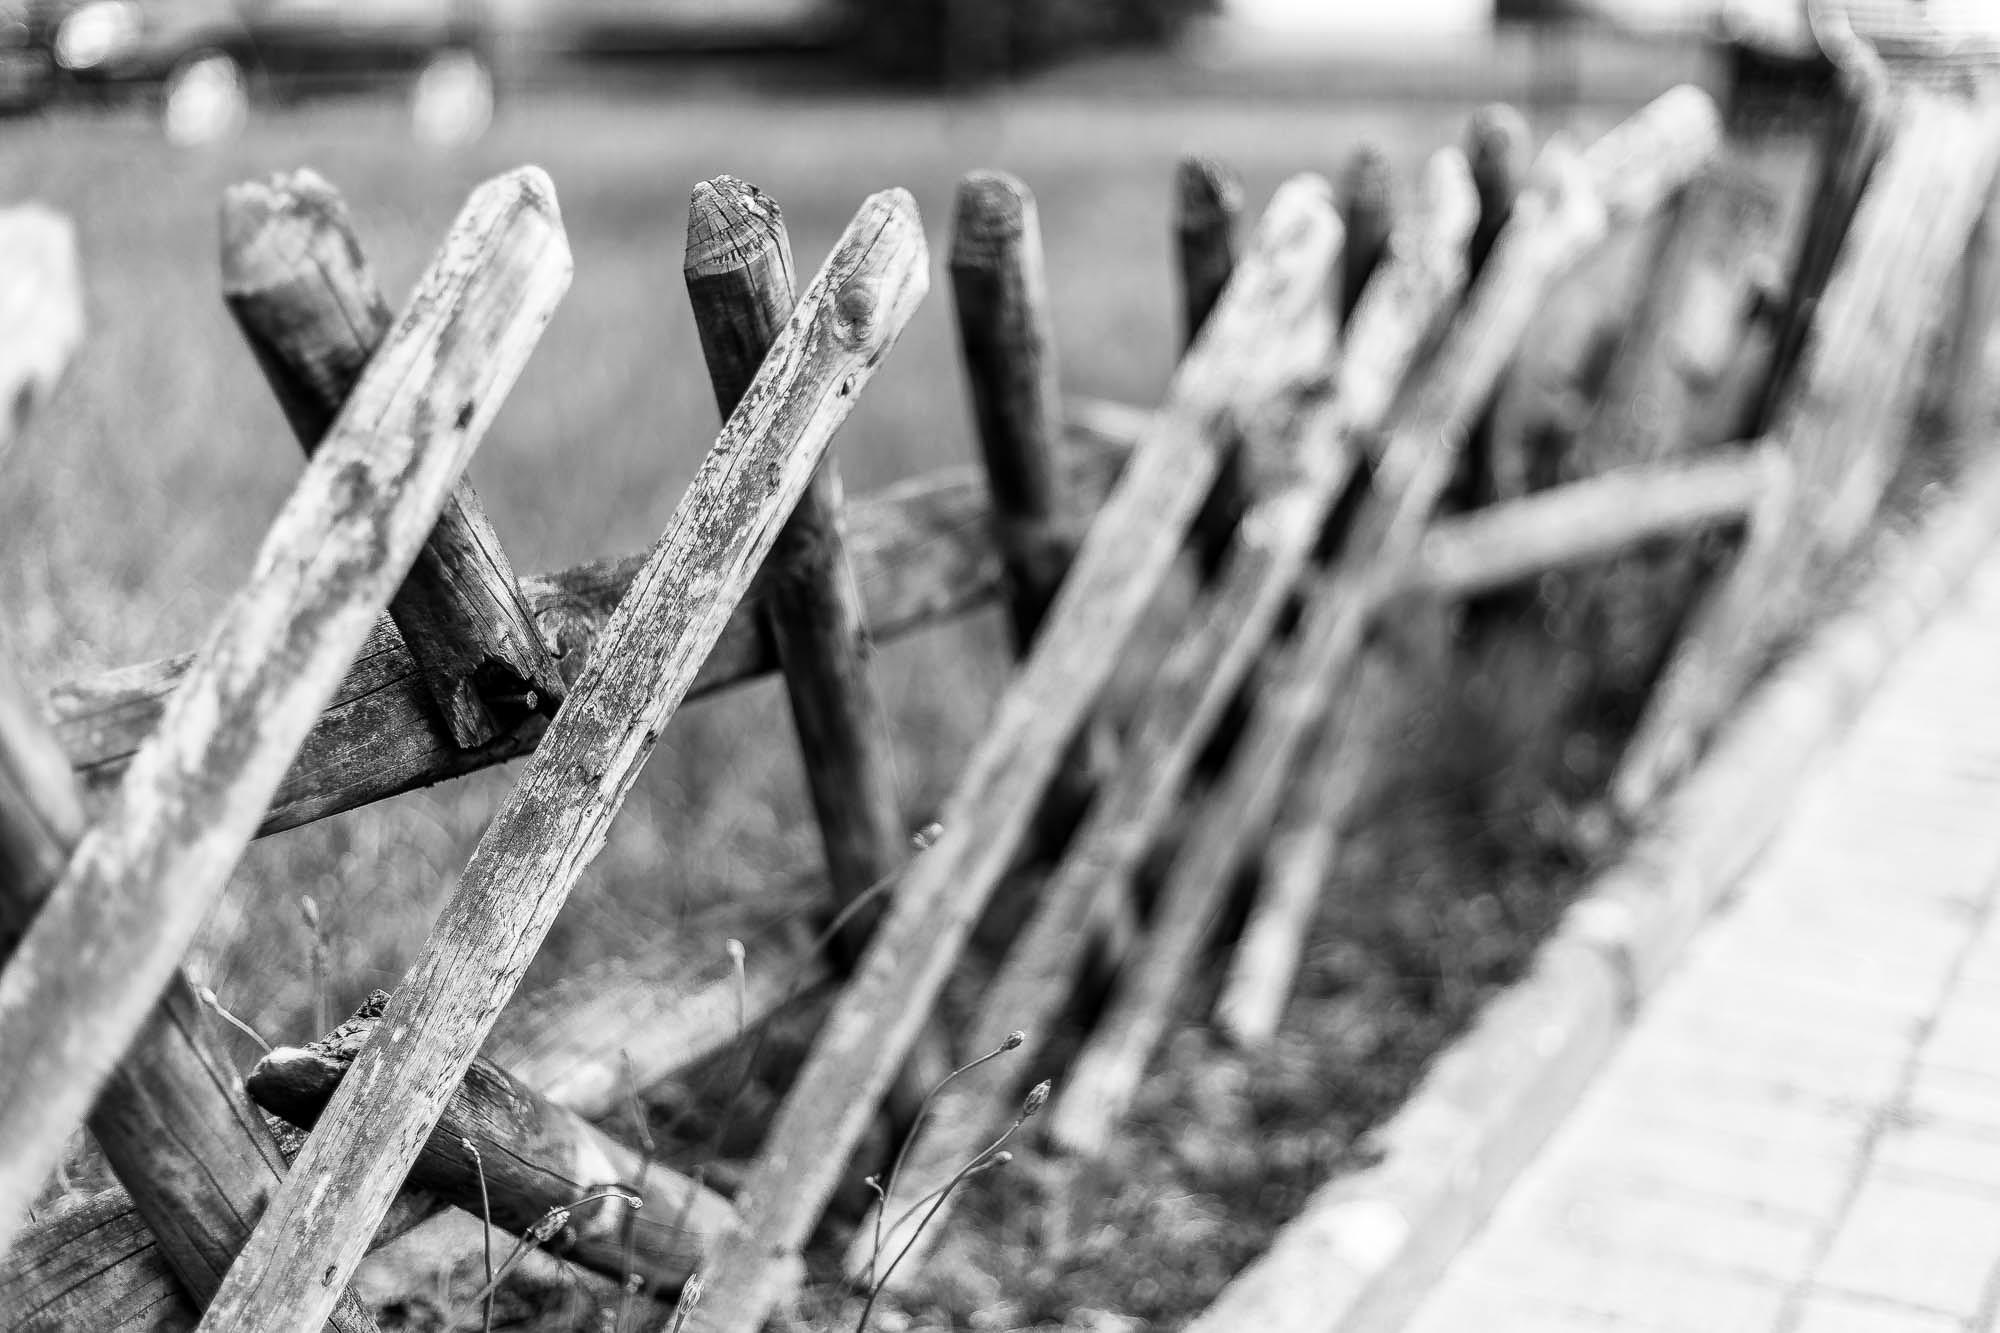 Nicht mehr alle Latten am Zaun